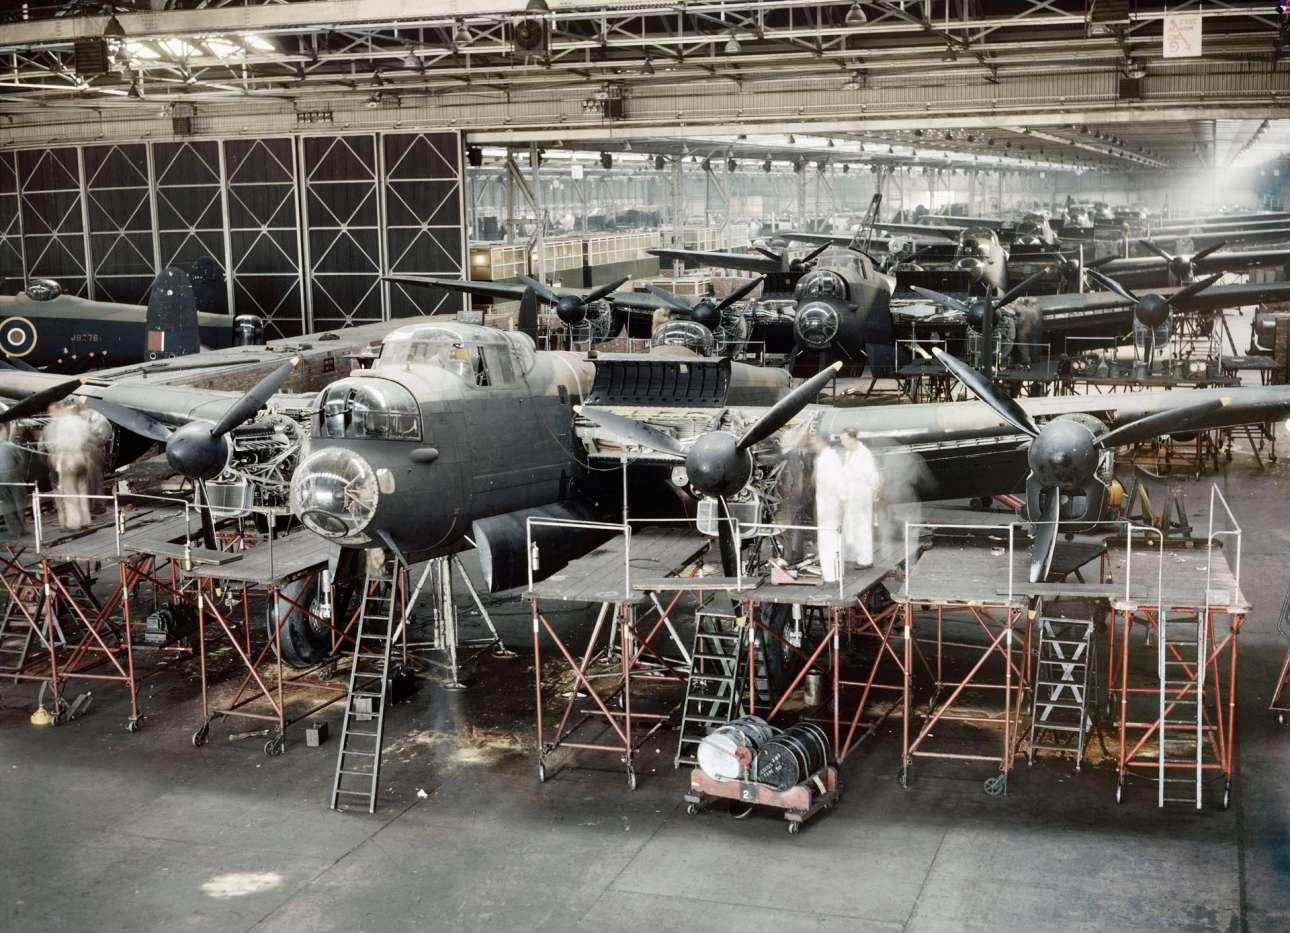 Βρετανικά βομβαρδιστικά αεροσκάφη στο τελικό στάδιο κατασκευής πριν βγουν στην μάχη, στο Τσέσαιρ το 1943